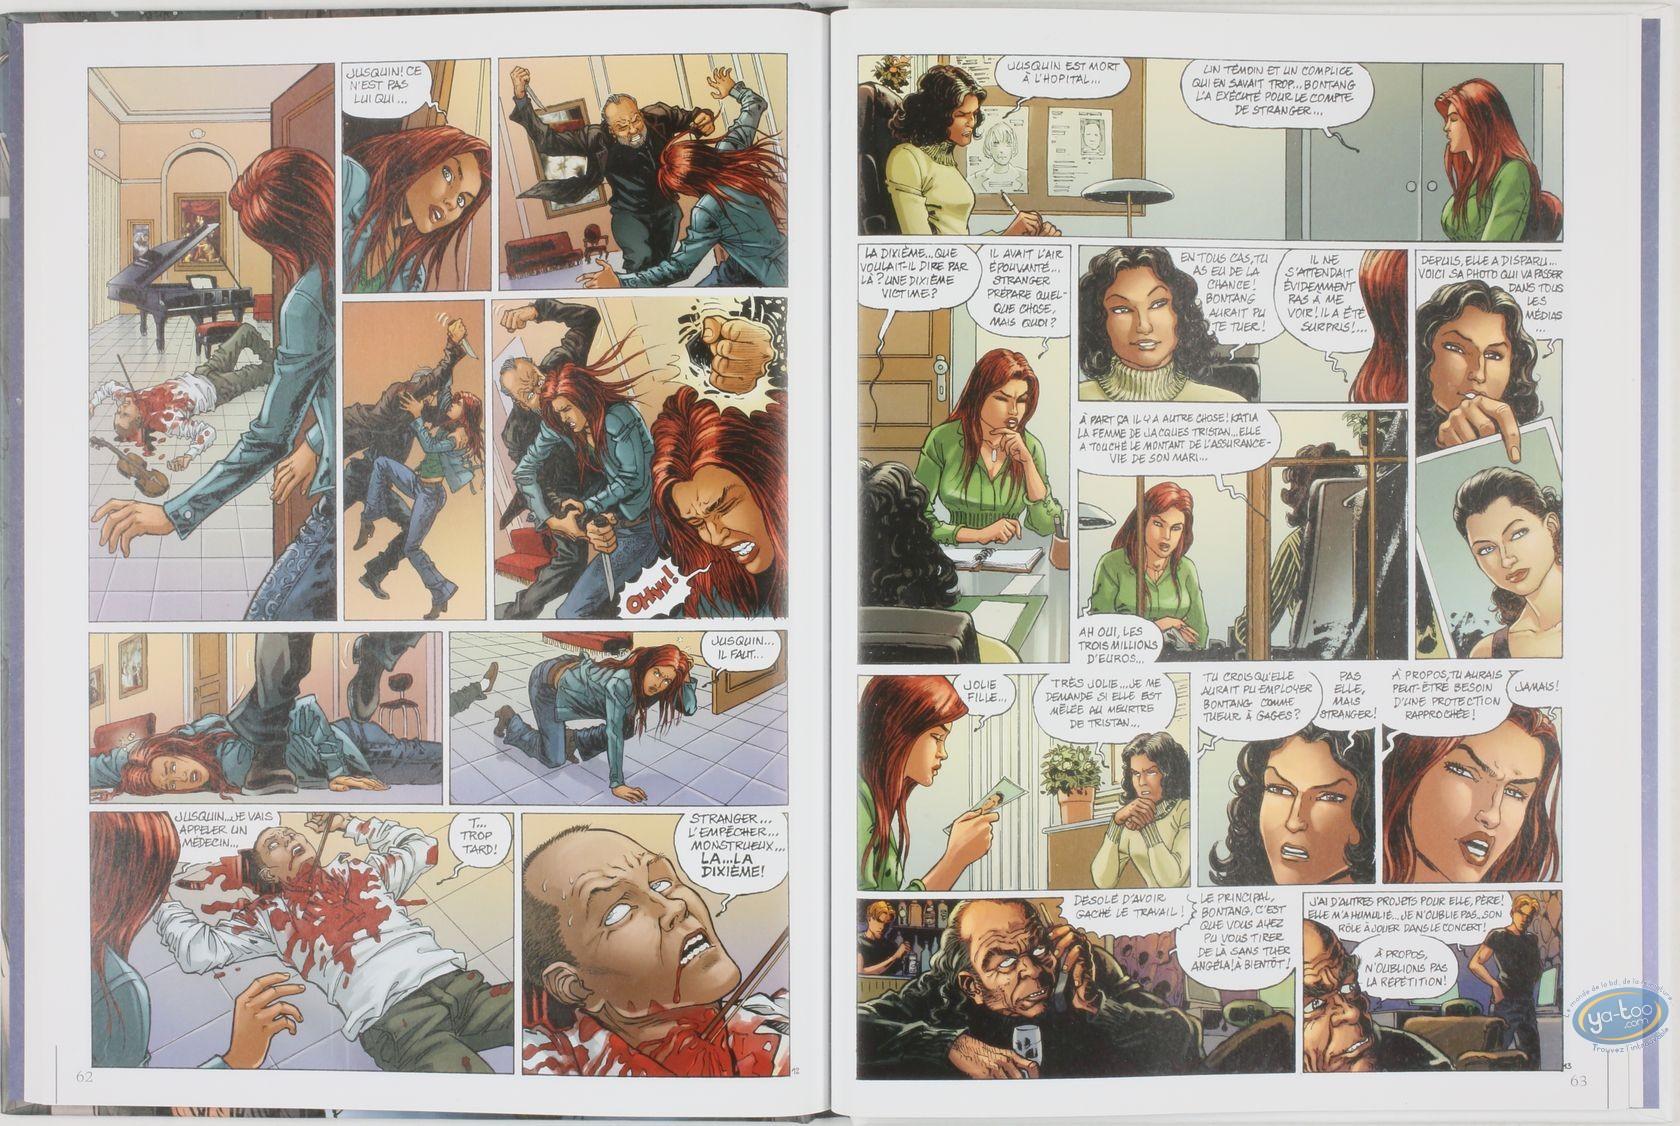 European Comic Books, La dixième symphonie